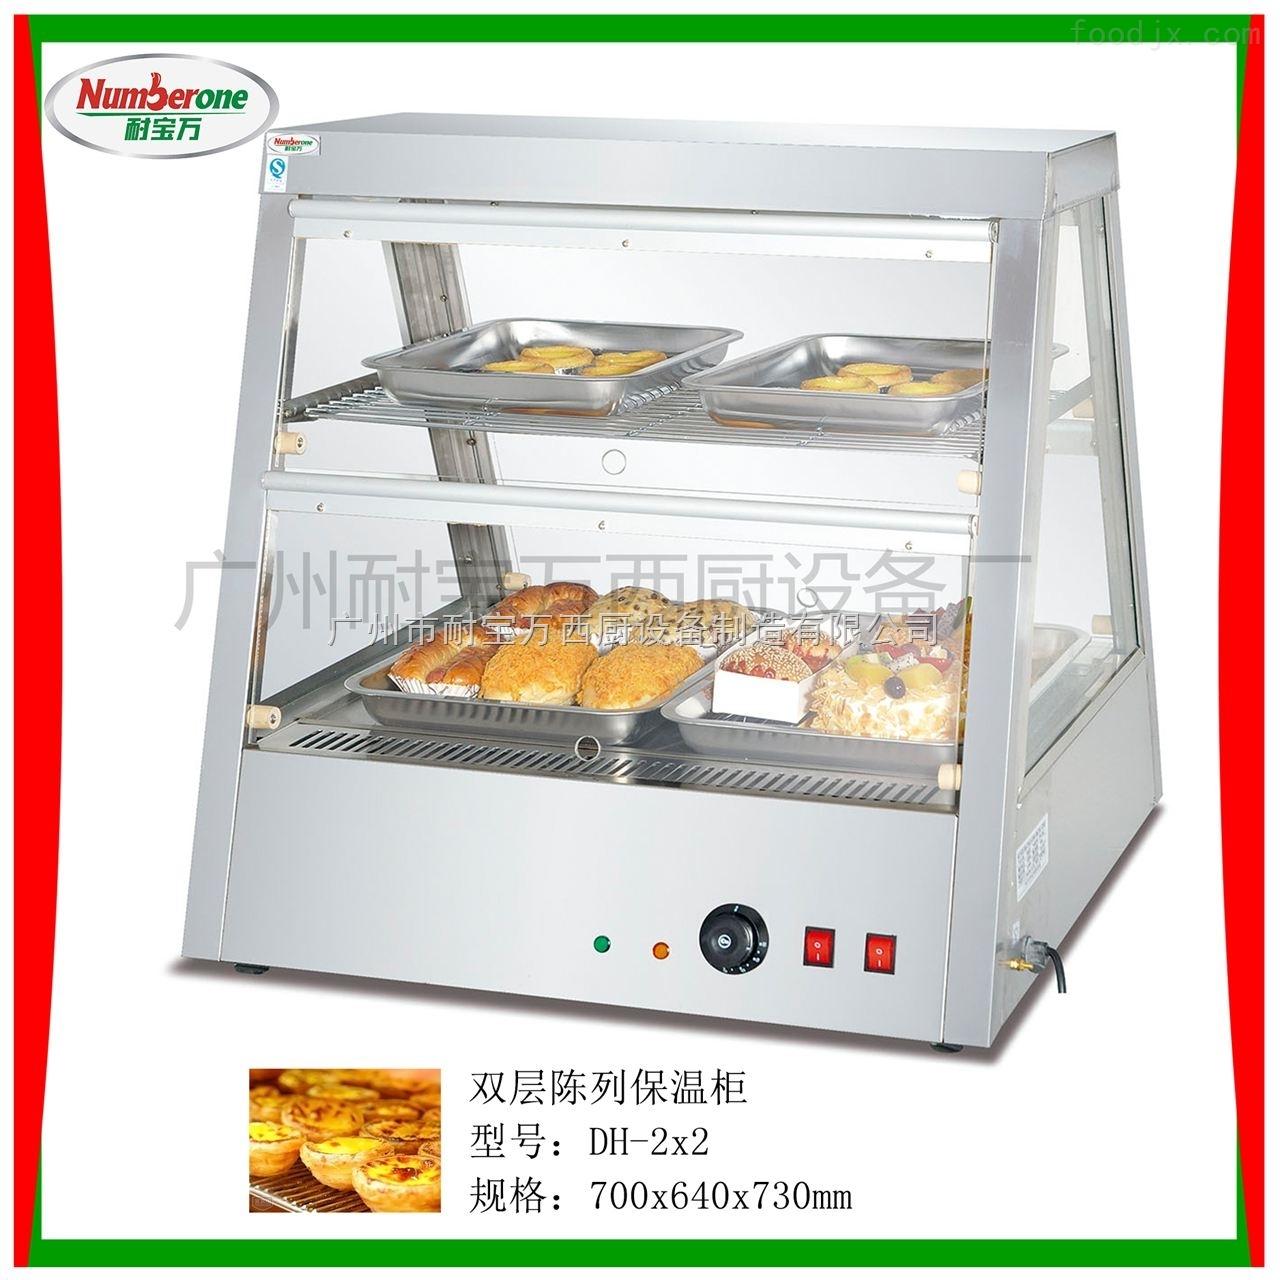 双层陈列保温柜/汉堡店保温设备/食品陈列柜